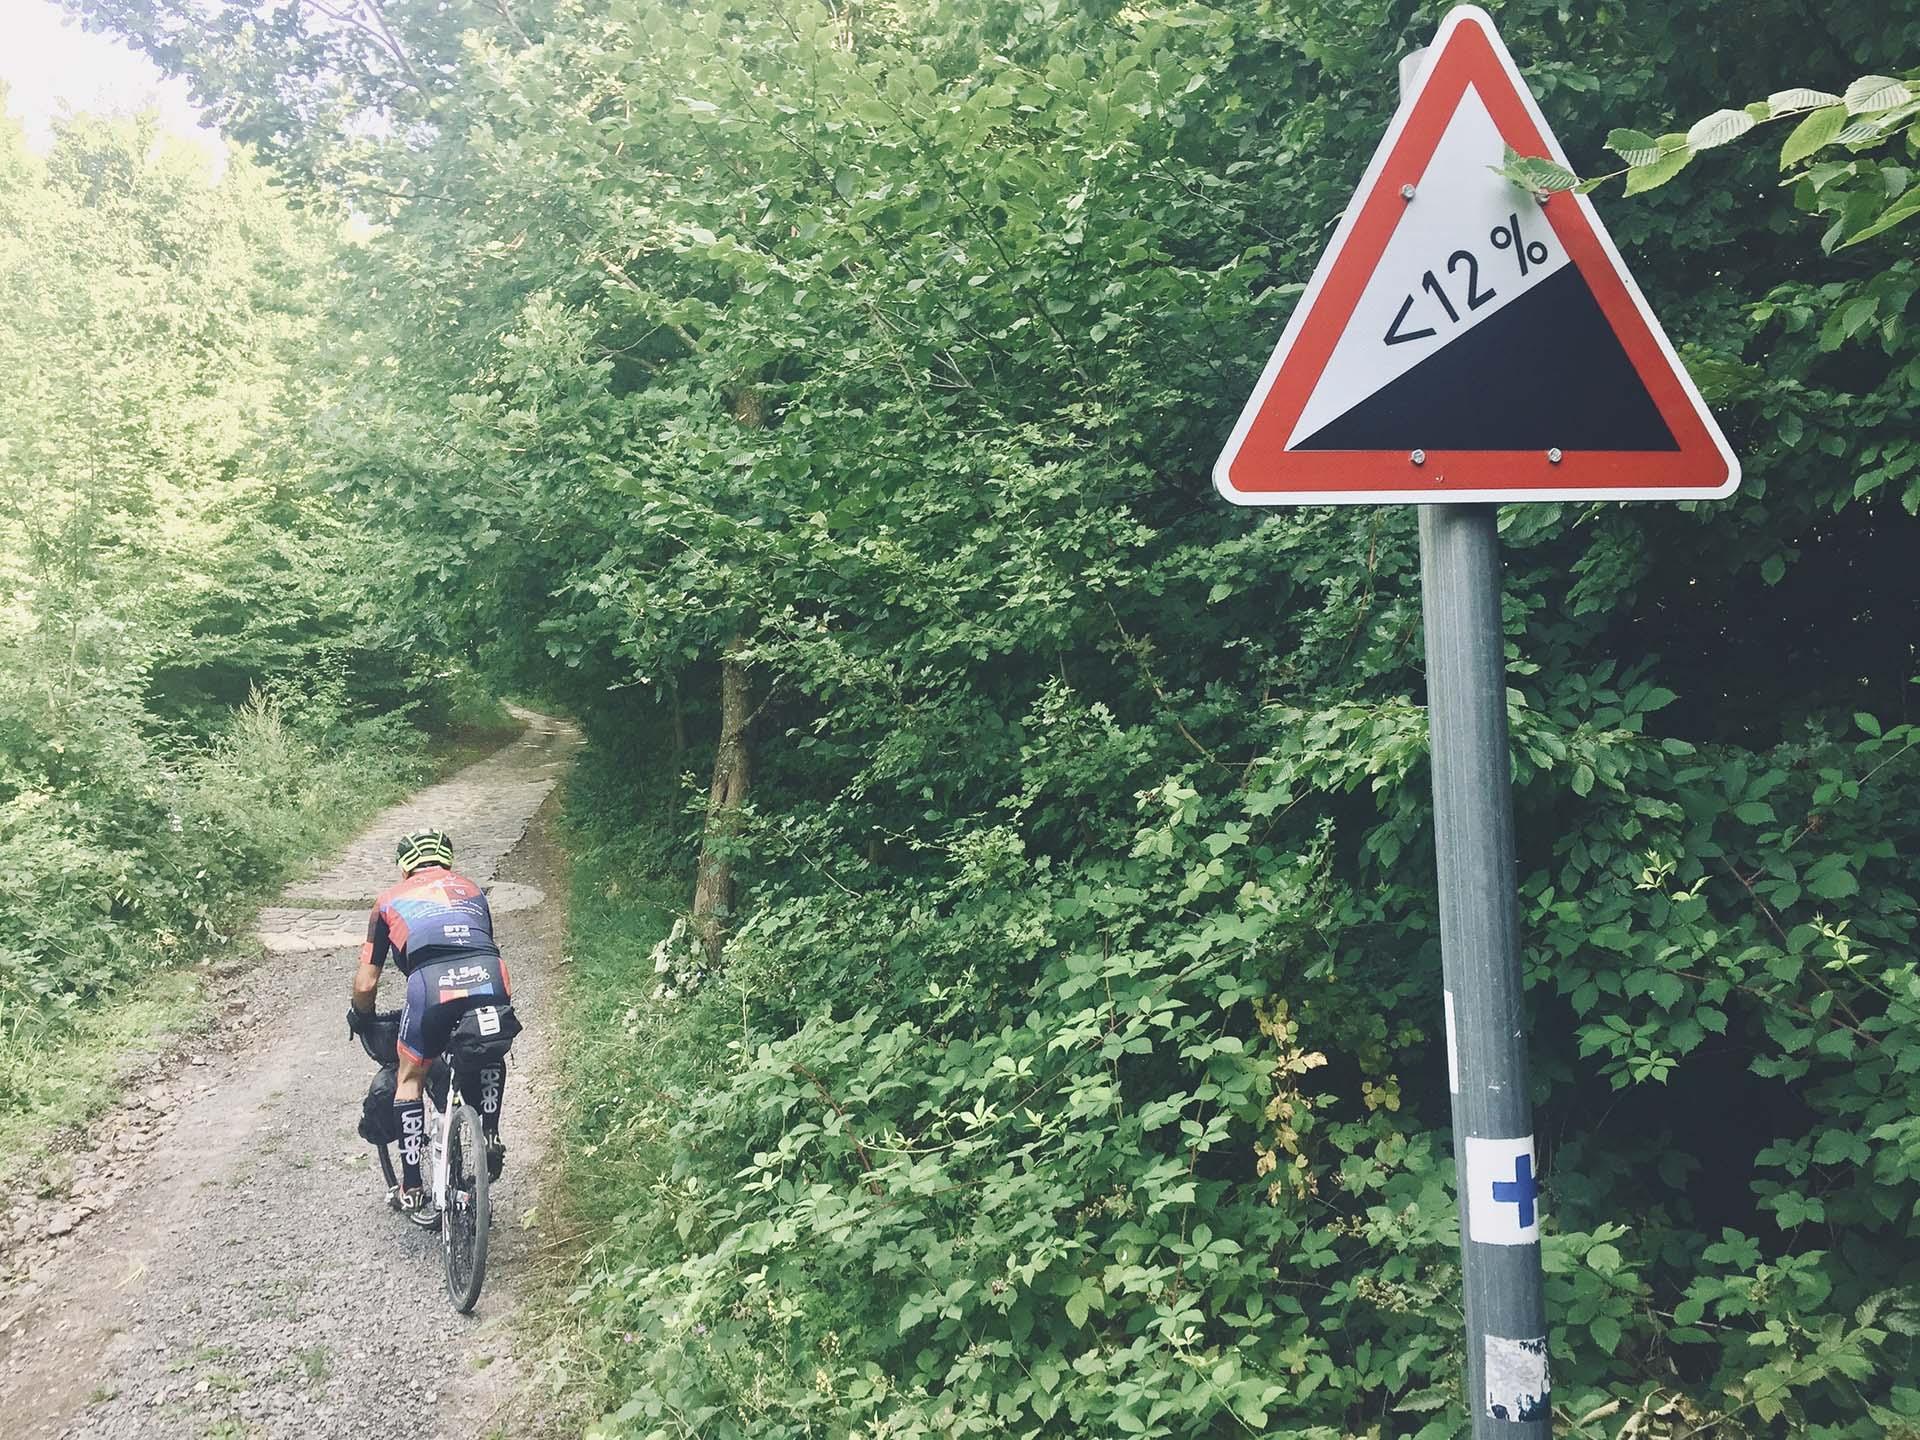 Európa egyik legkeményebb offroad kerékpártúrája van kialakulóban hazánkban - A Hungarian Divide-3